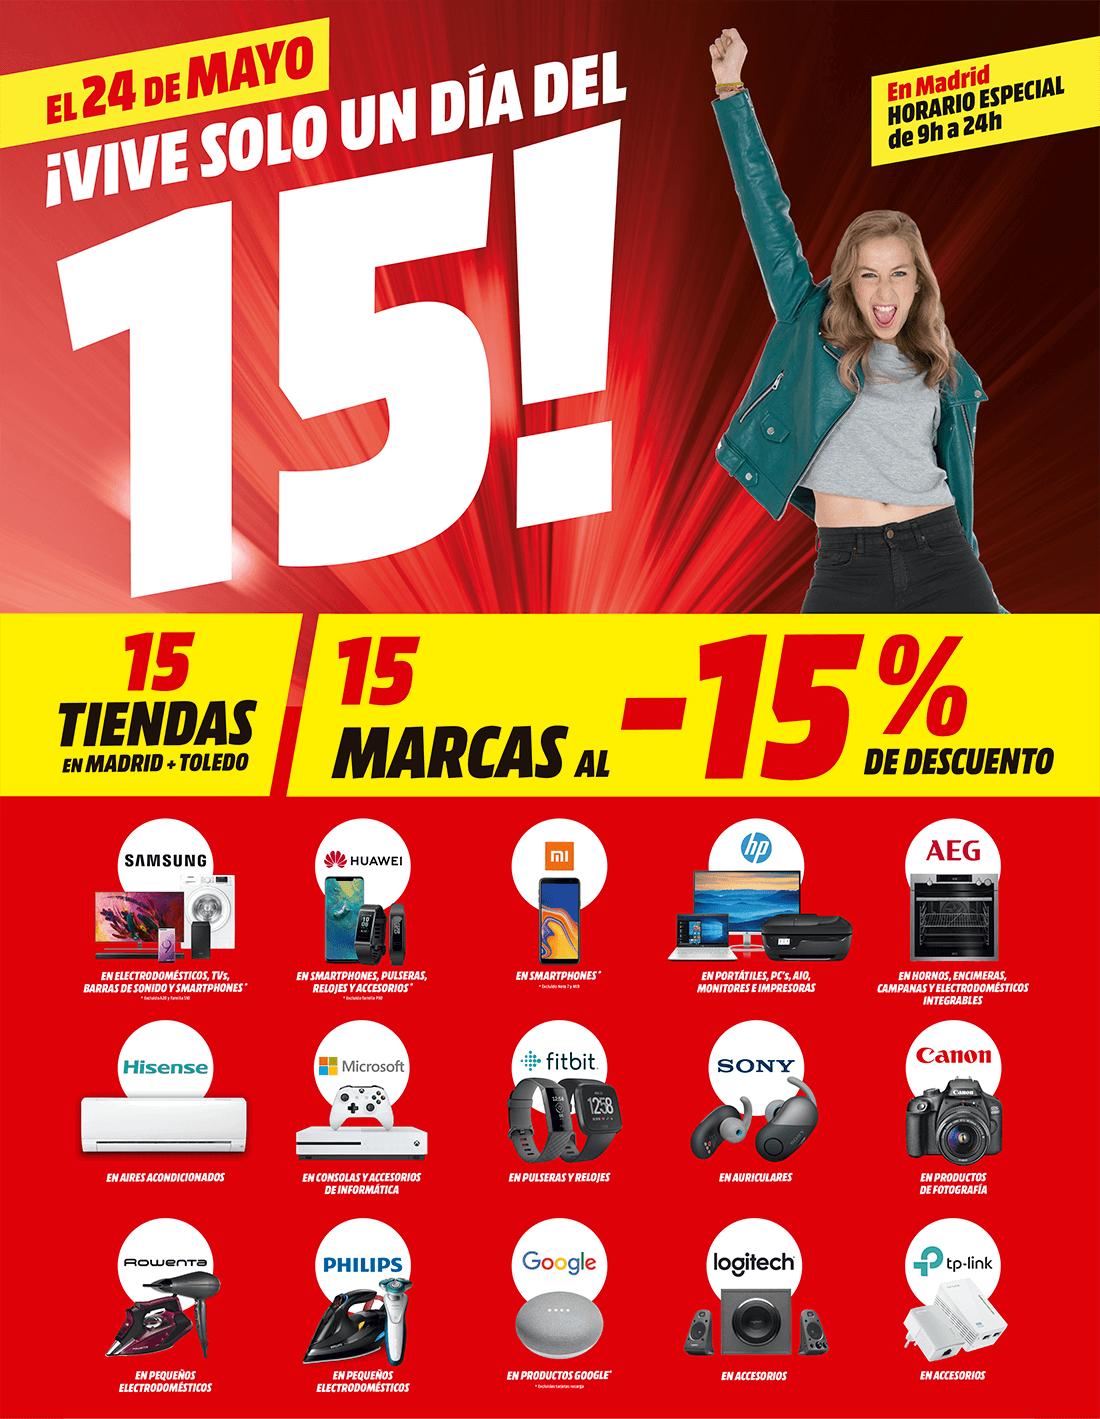 15 marcas al 15% de descuento en MediaMarkt Madrid